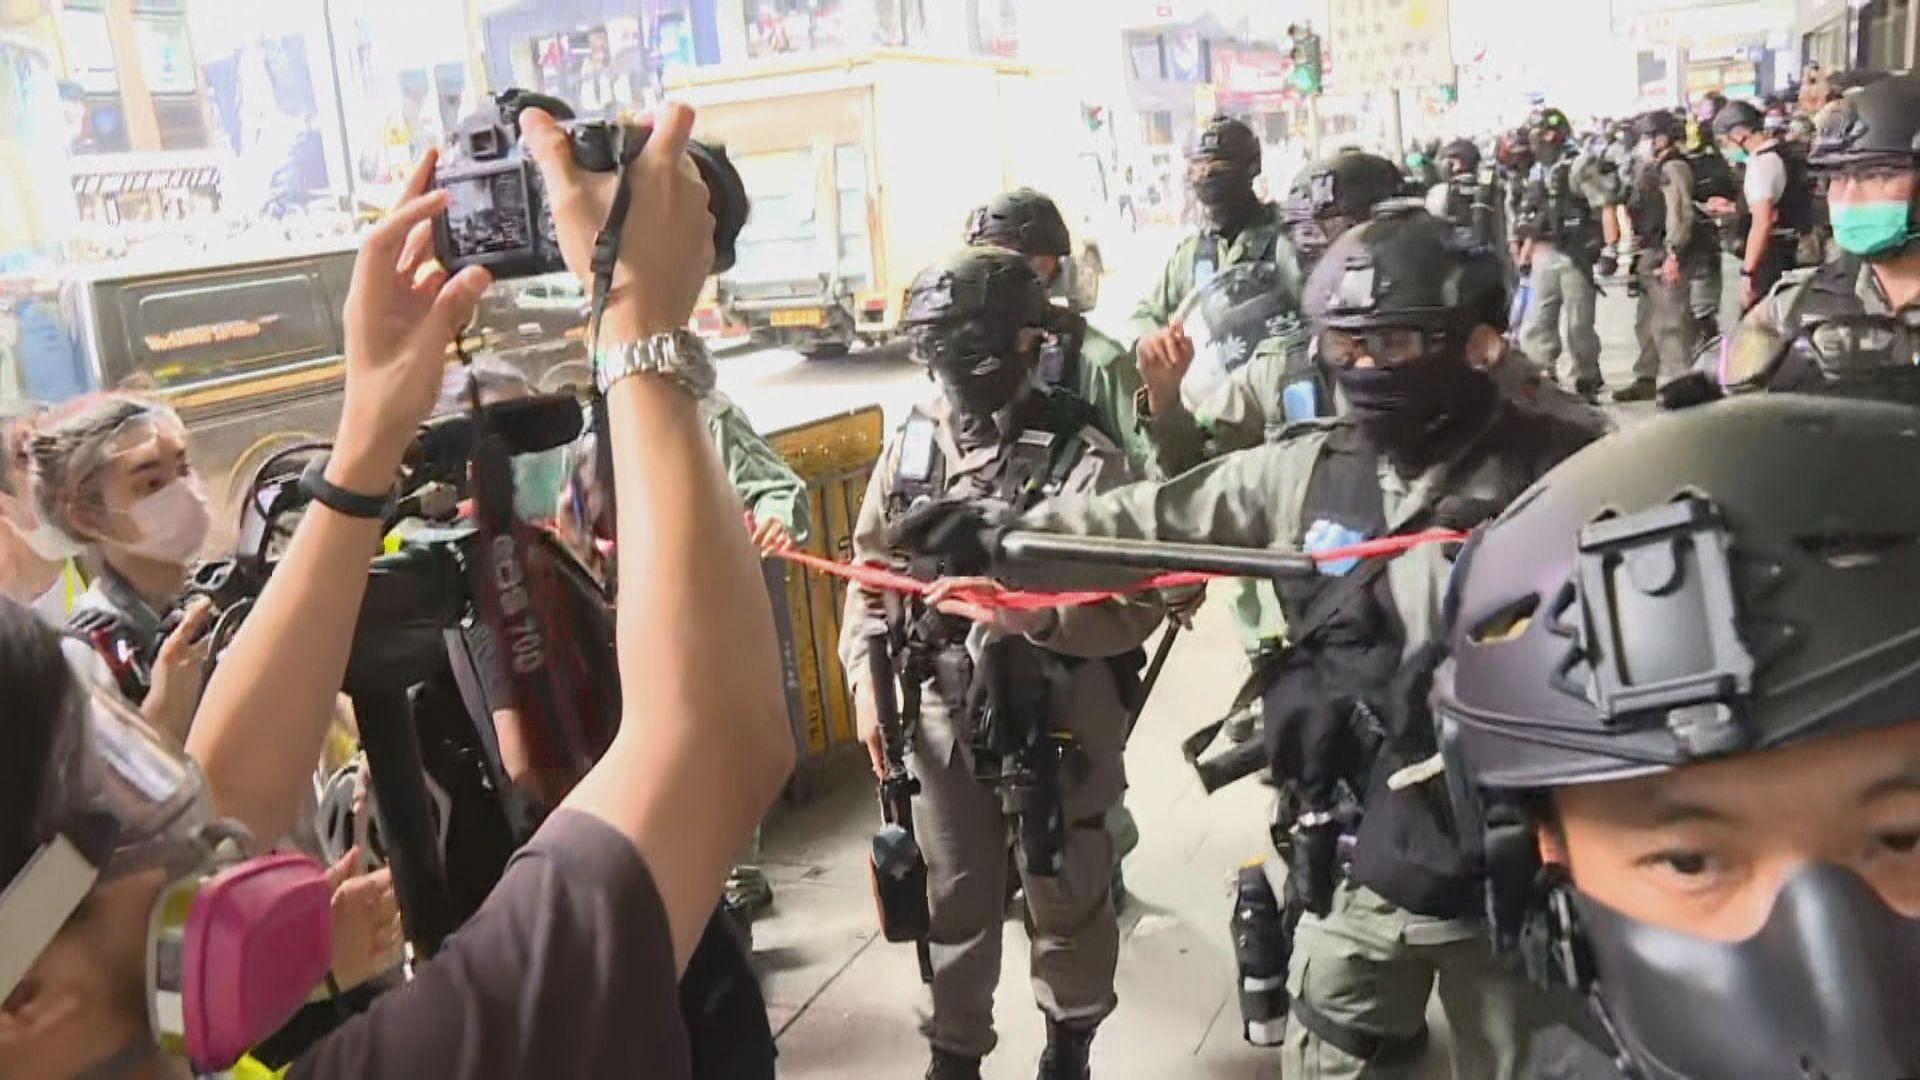 中環畢打街有人堵路 防暴警員開防暴槍驅散